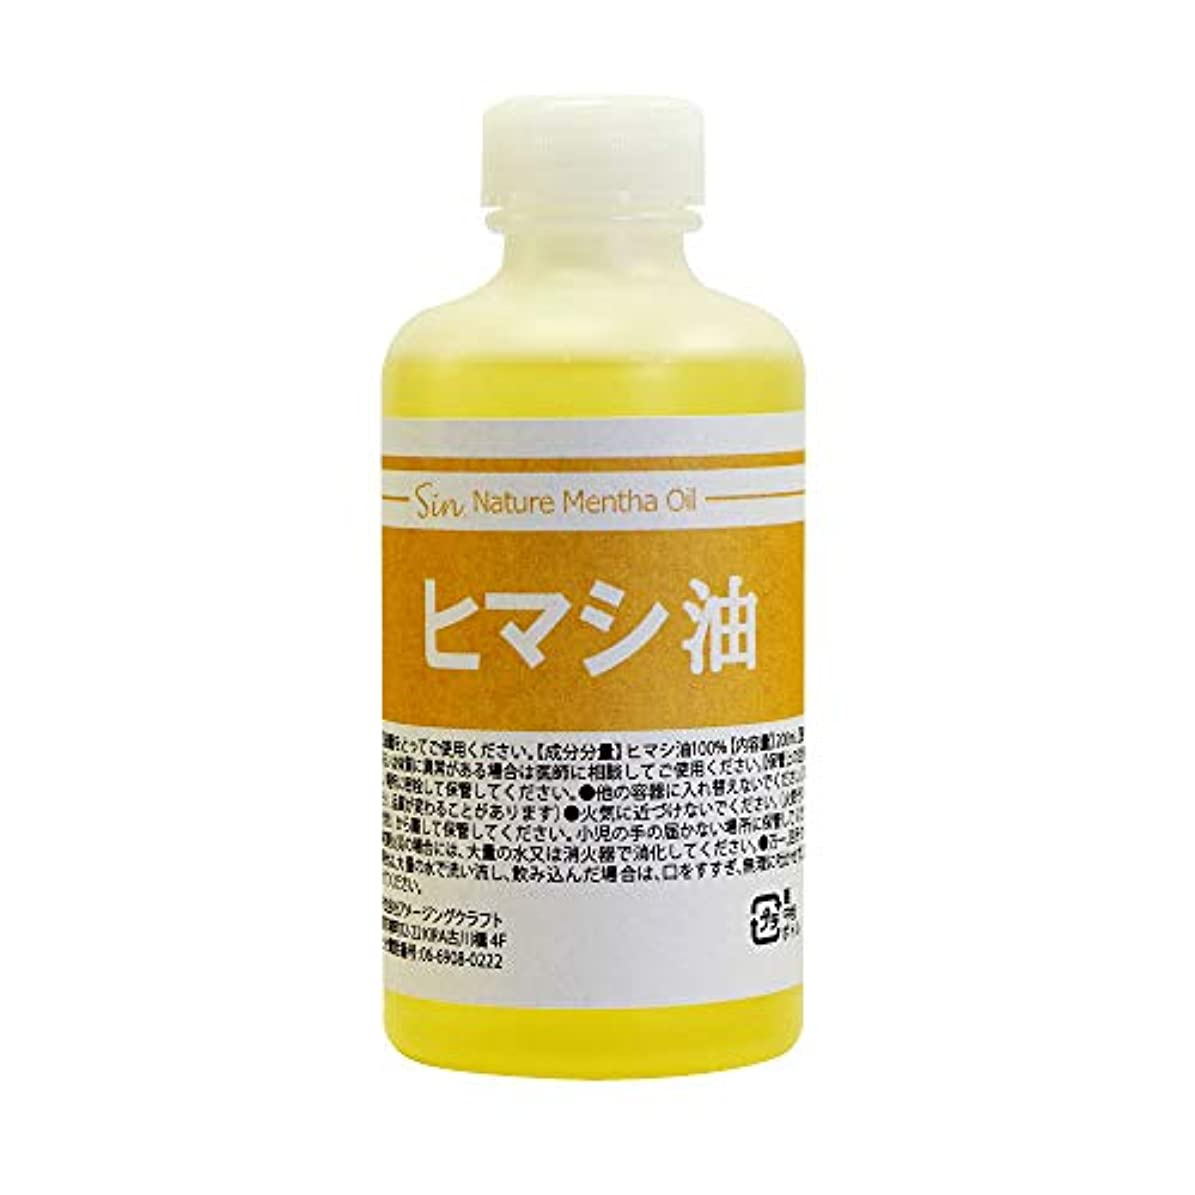 覚醒今日放映天然無添加 国内精製ひまし油 (キャスターオイル) 200ml